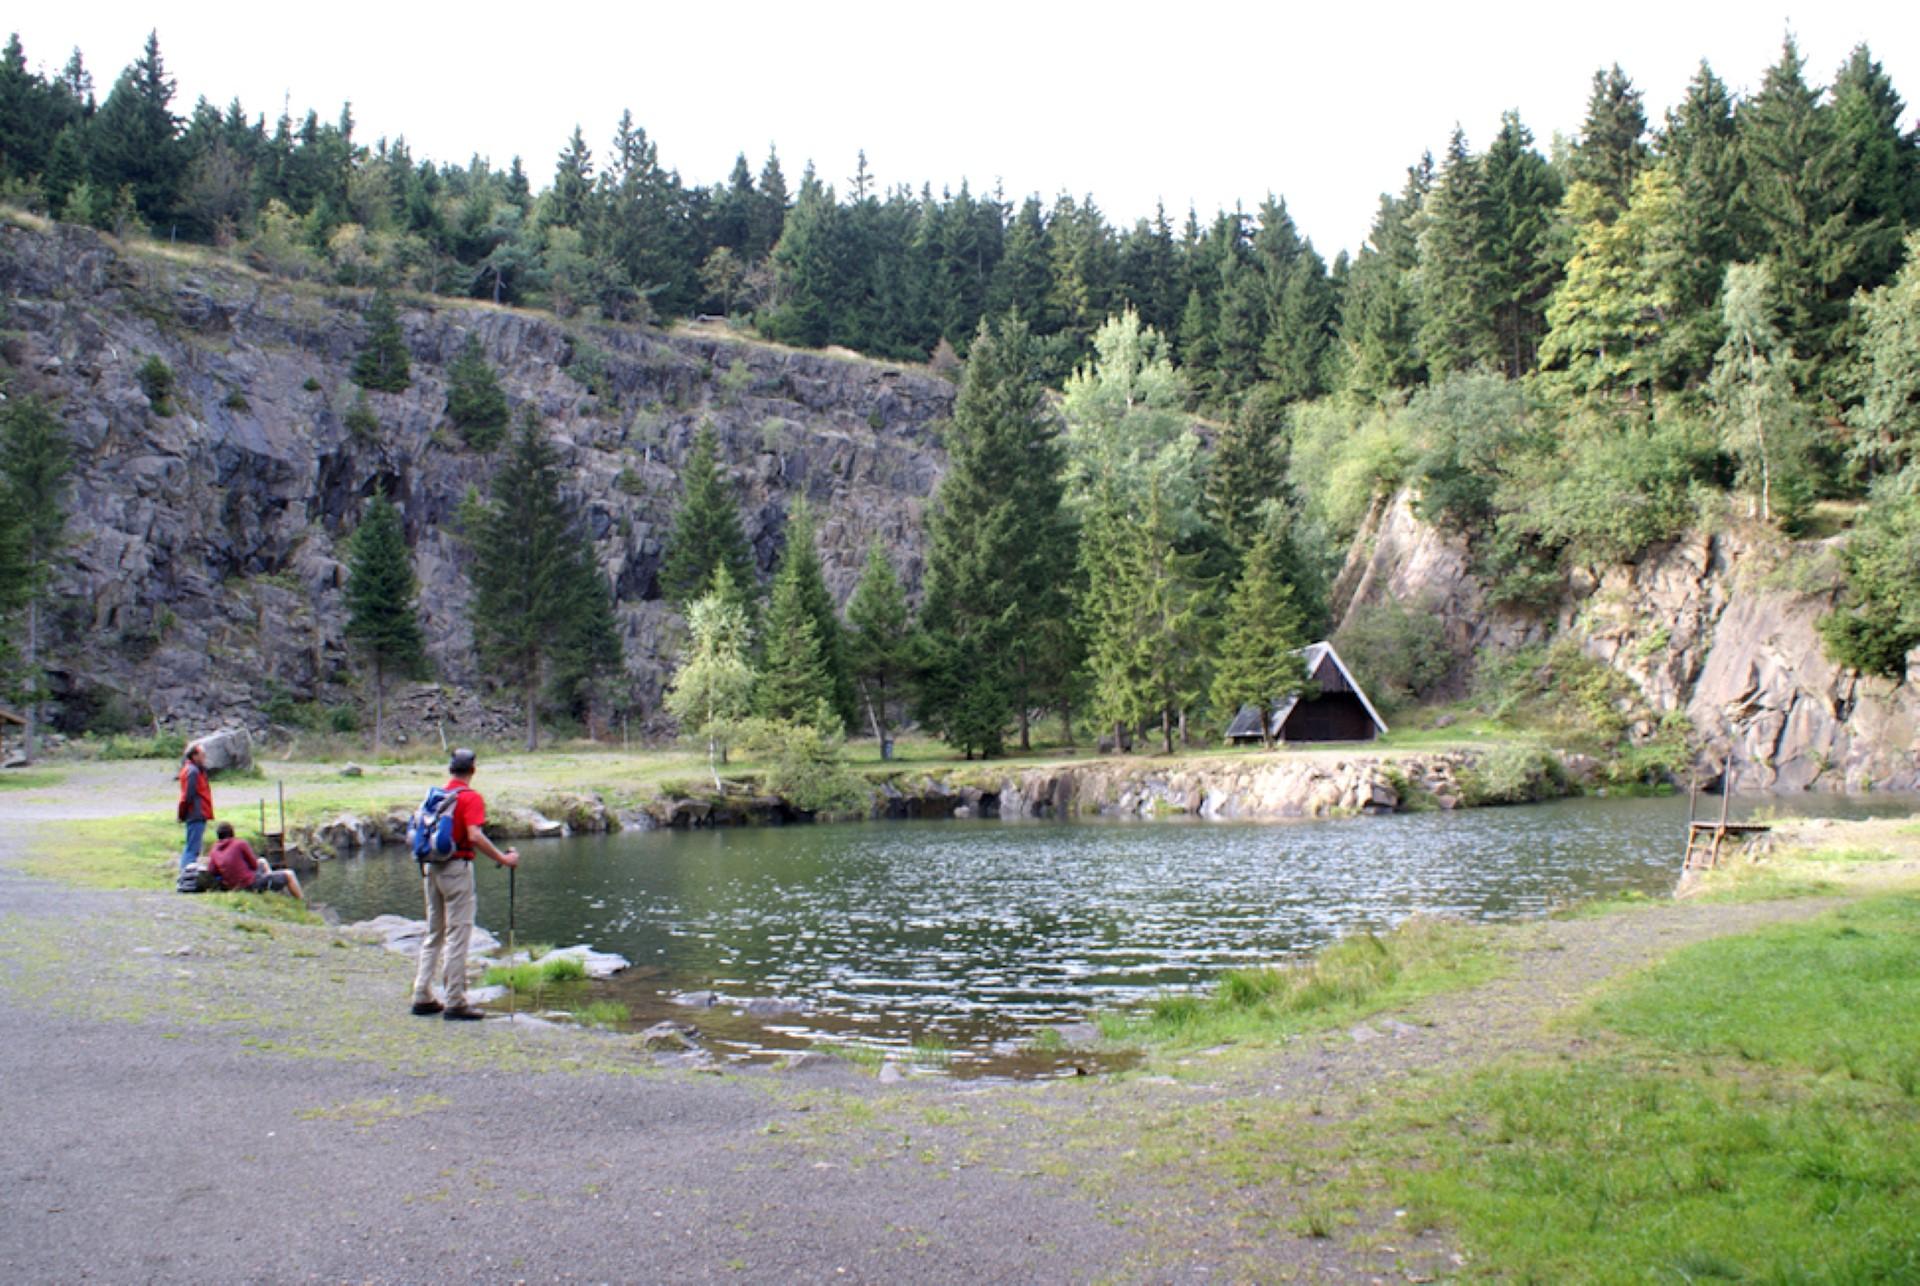 Traumhafte Kulisse am Bergsee Ebertswiese